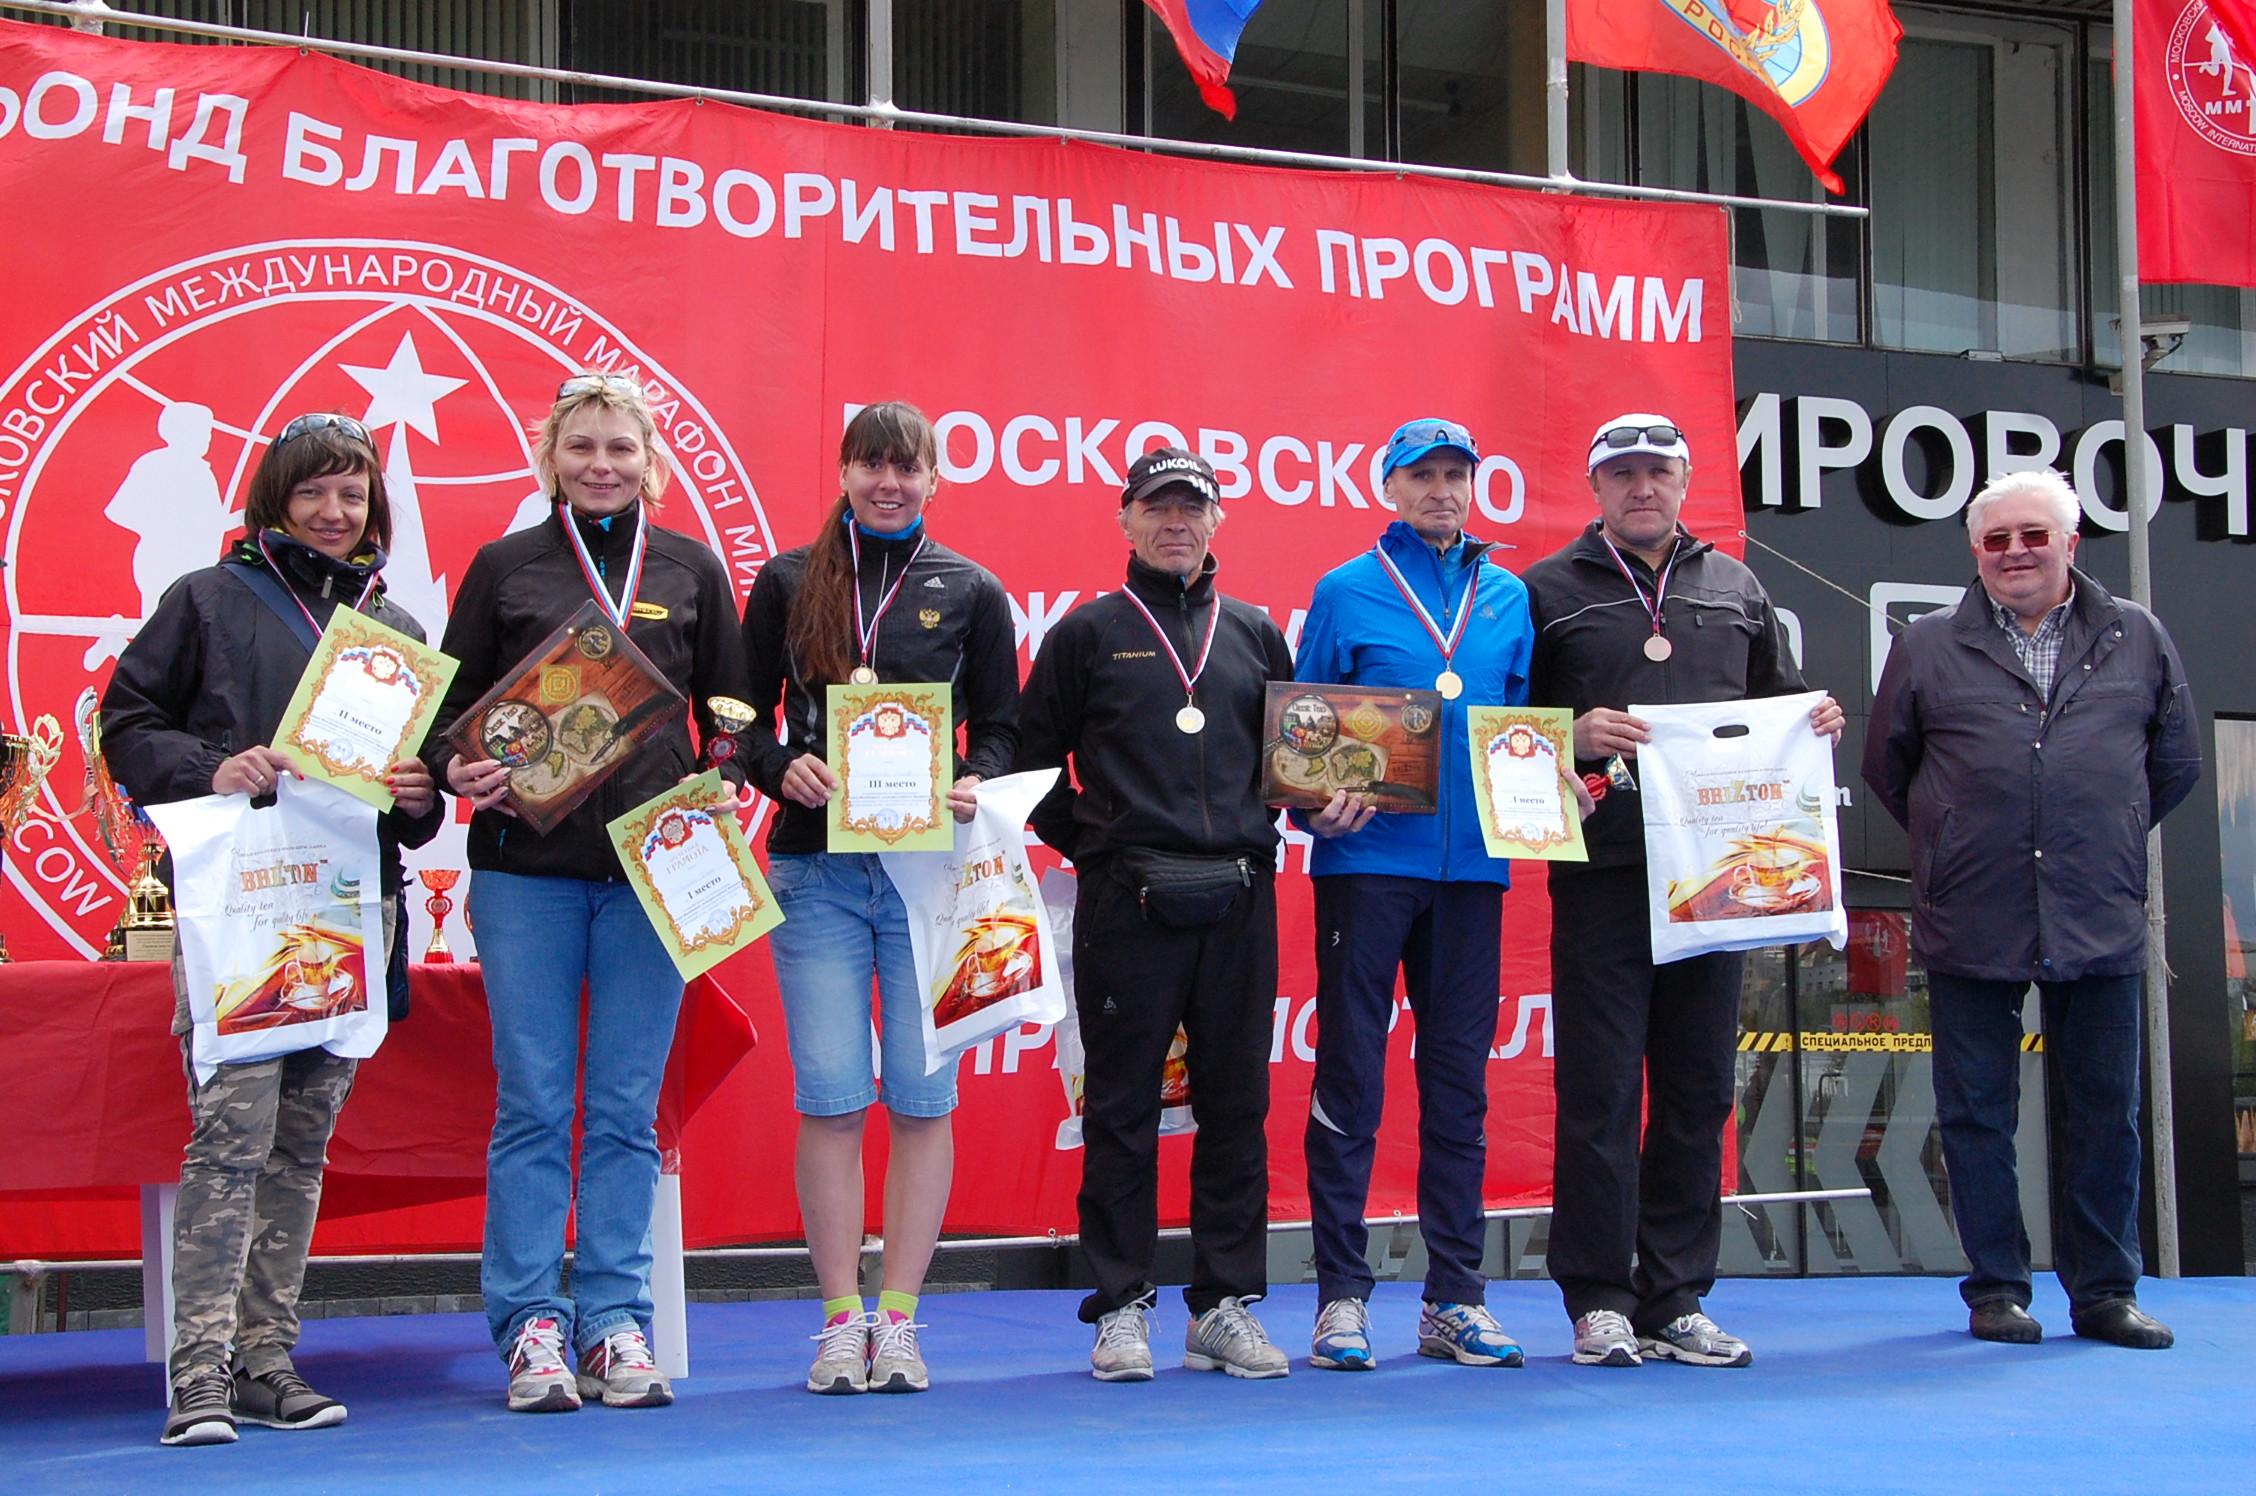 Николай Медведев (второй с права) занял 3 место в общем зачете и стал вторым в своей возрастной группе.